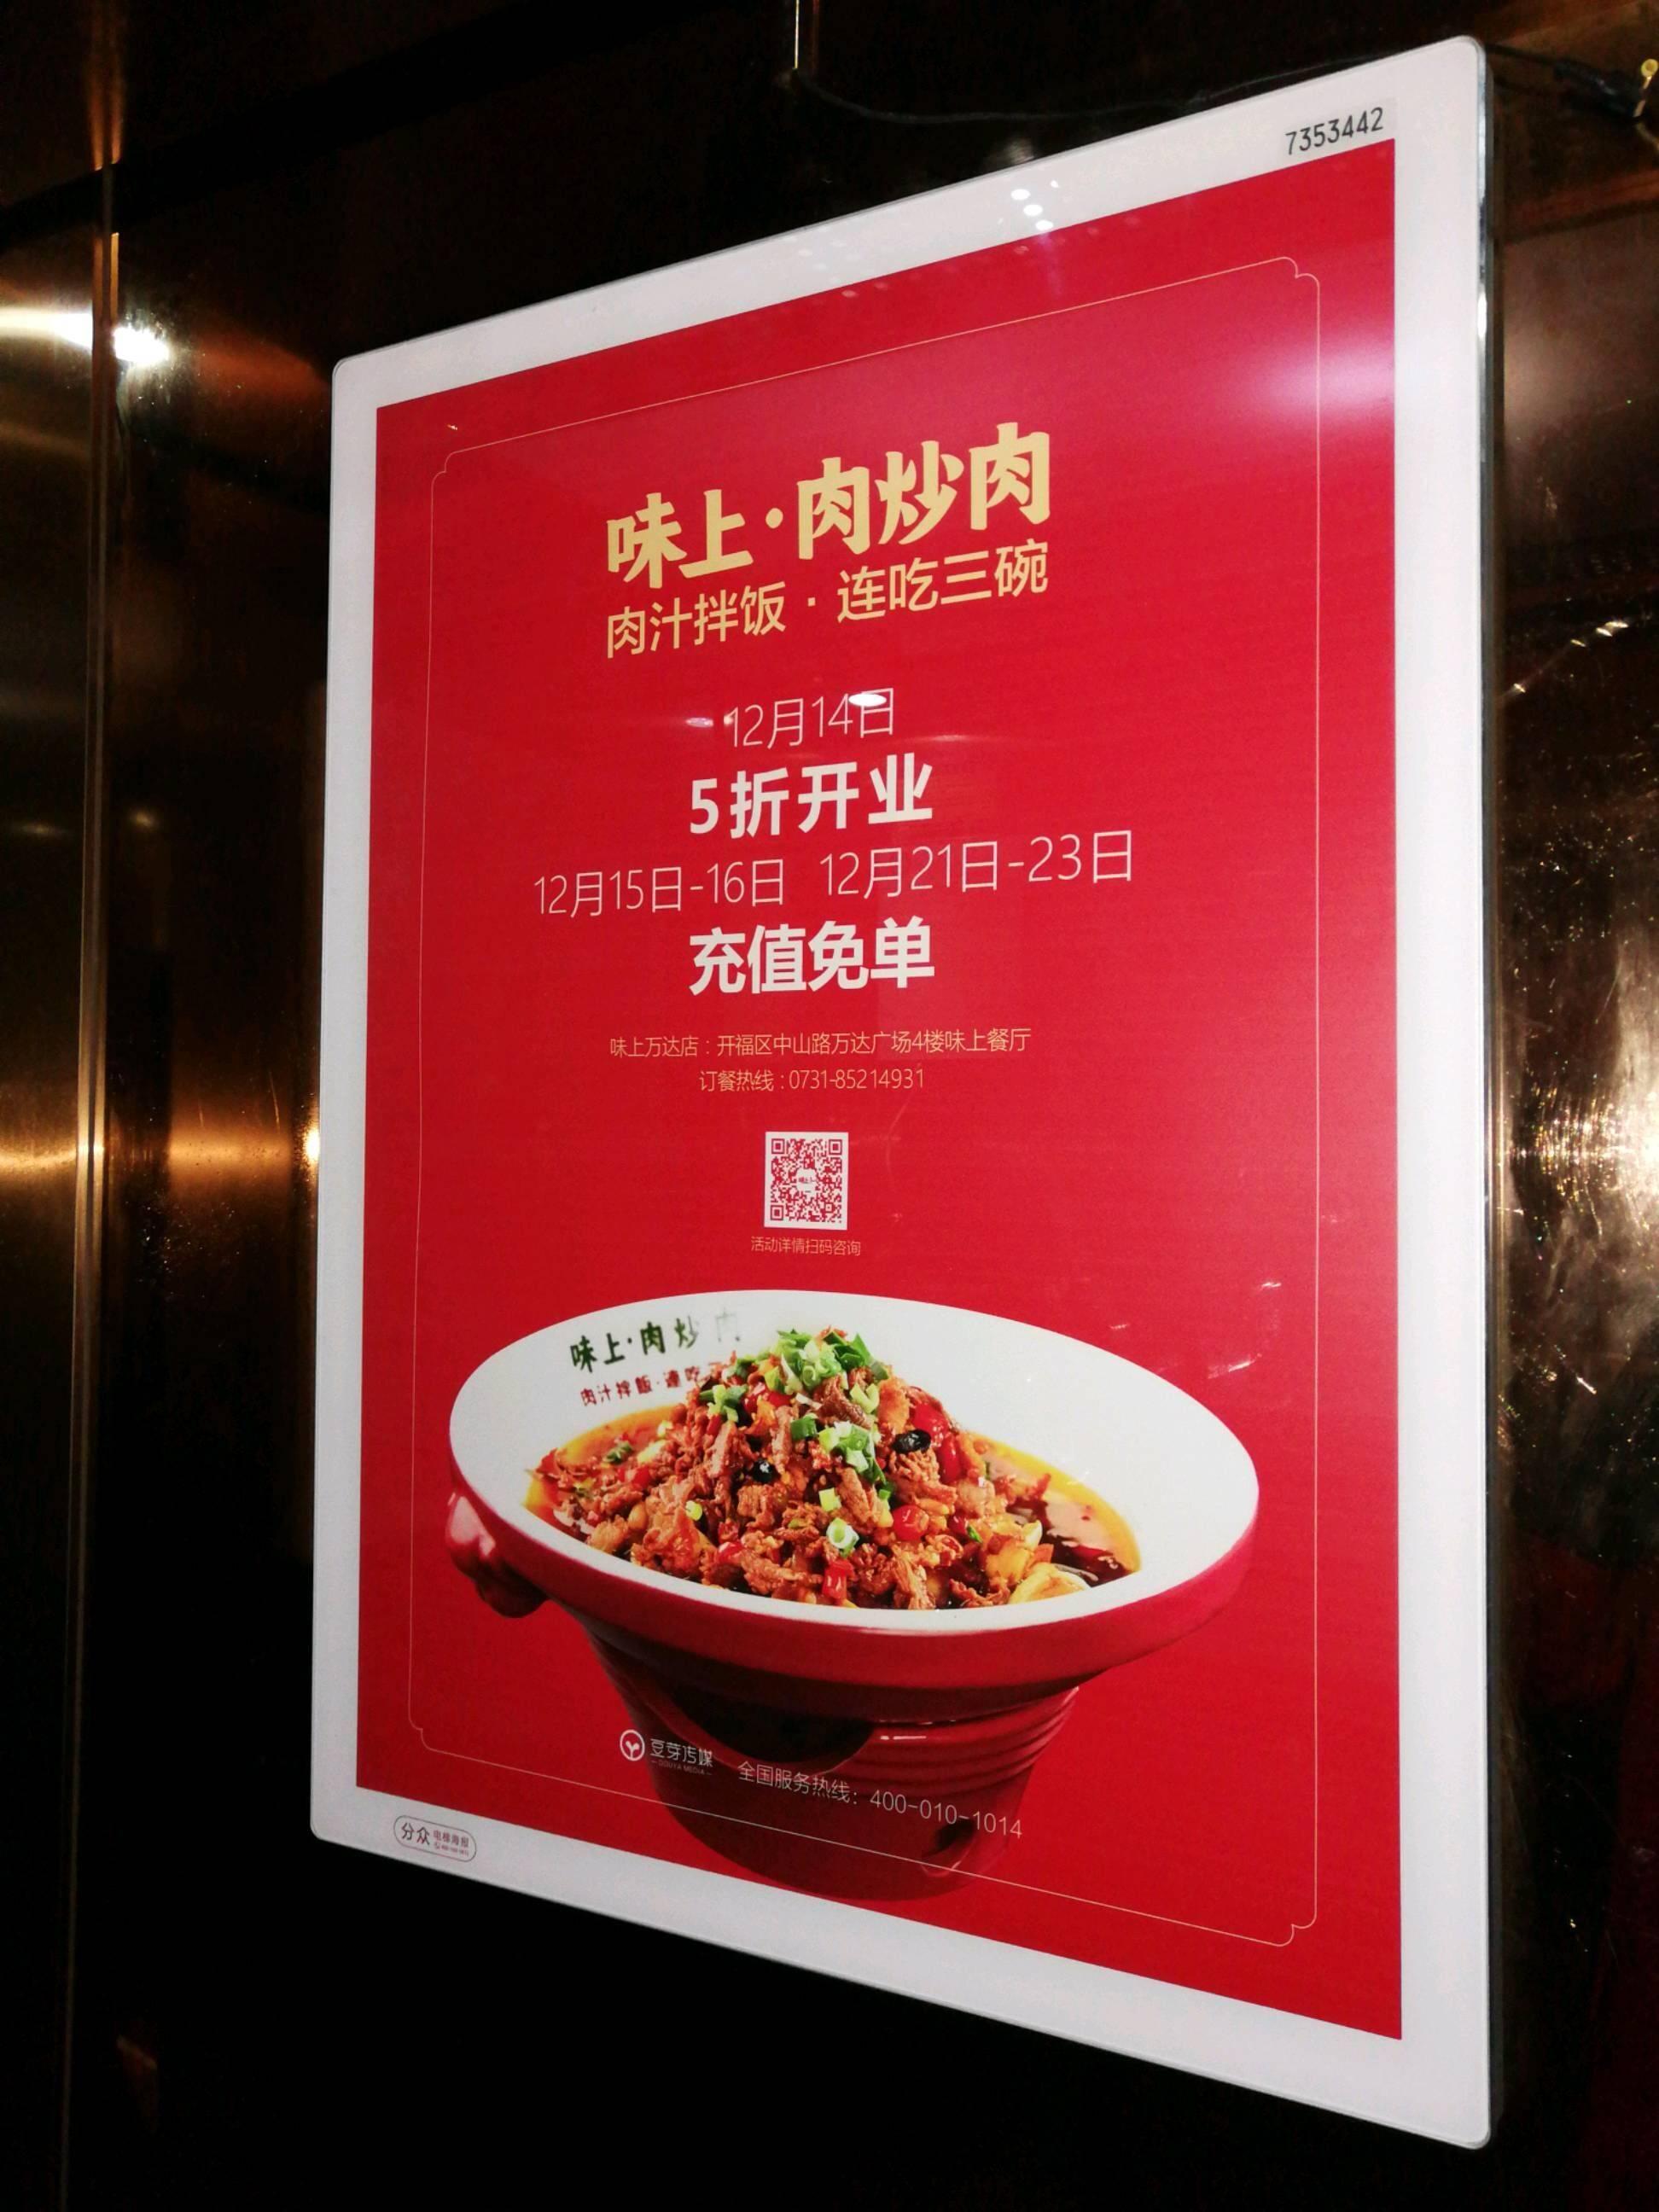 蚌埠电梯广告公司广告牌框架3.0投放(100框起投)